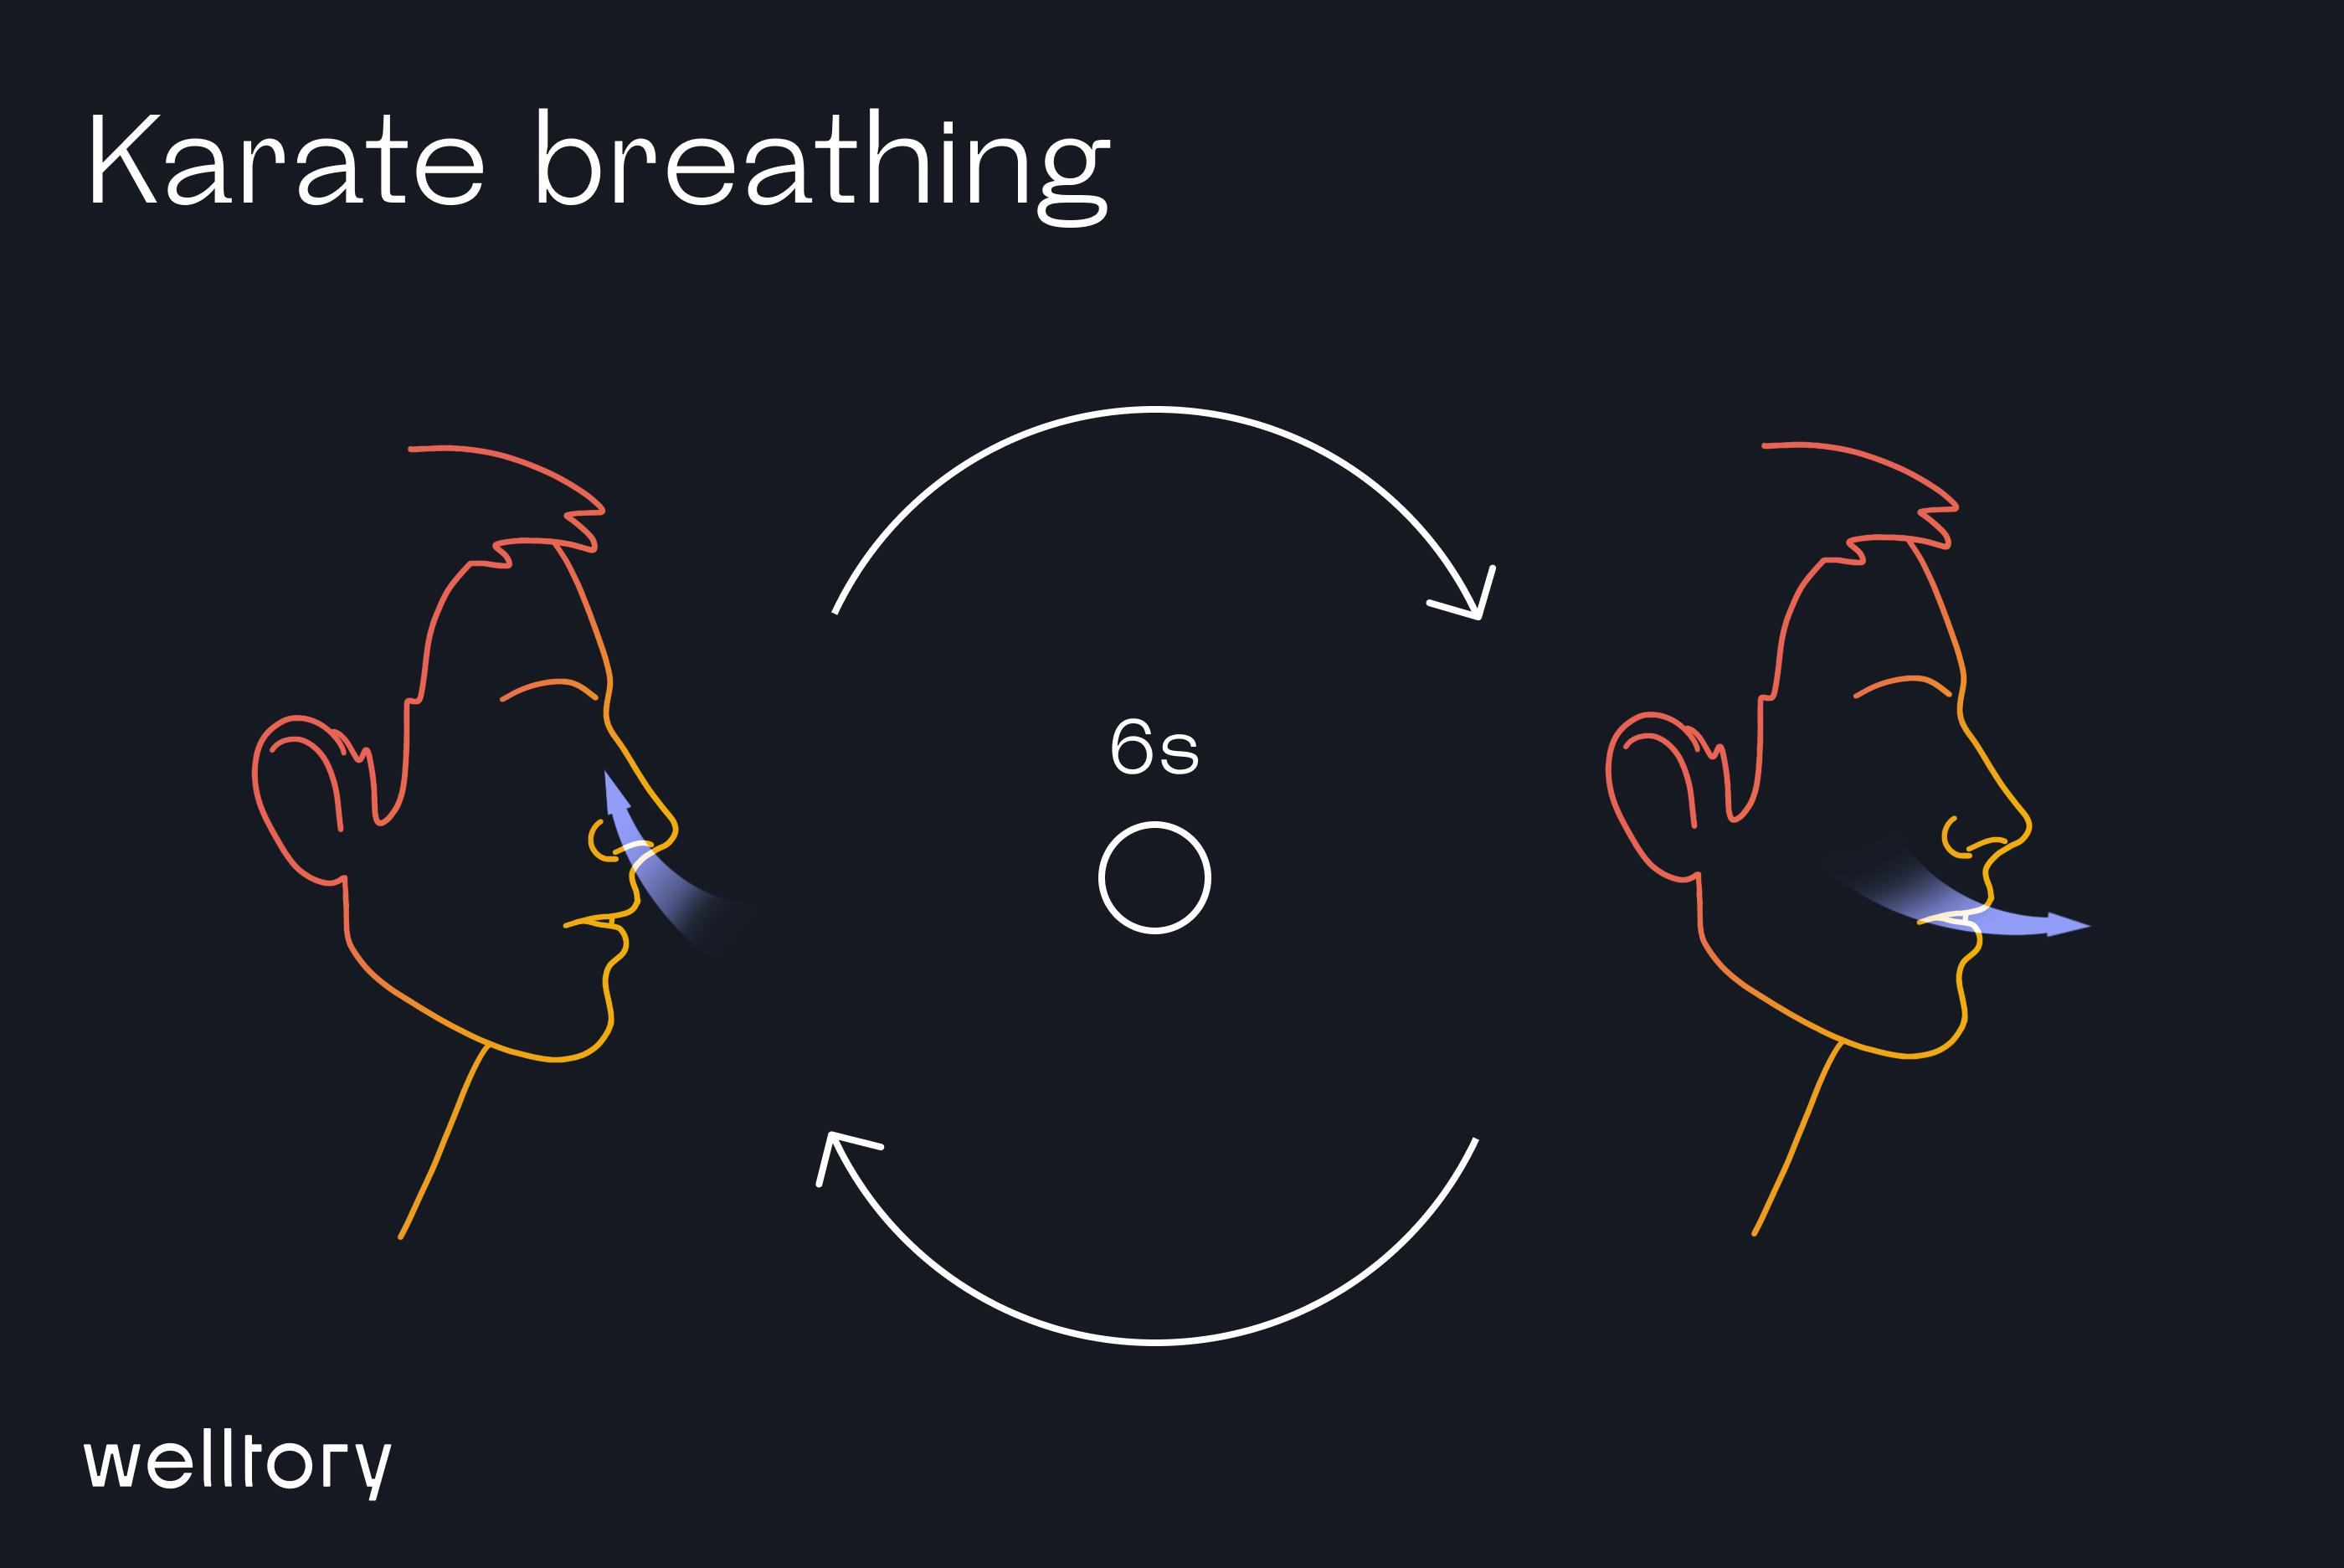 Karate breathing